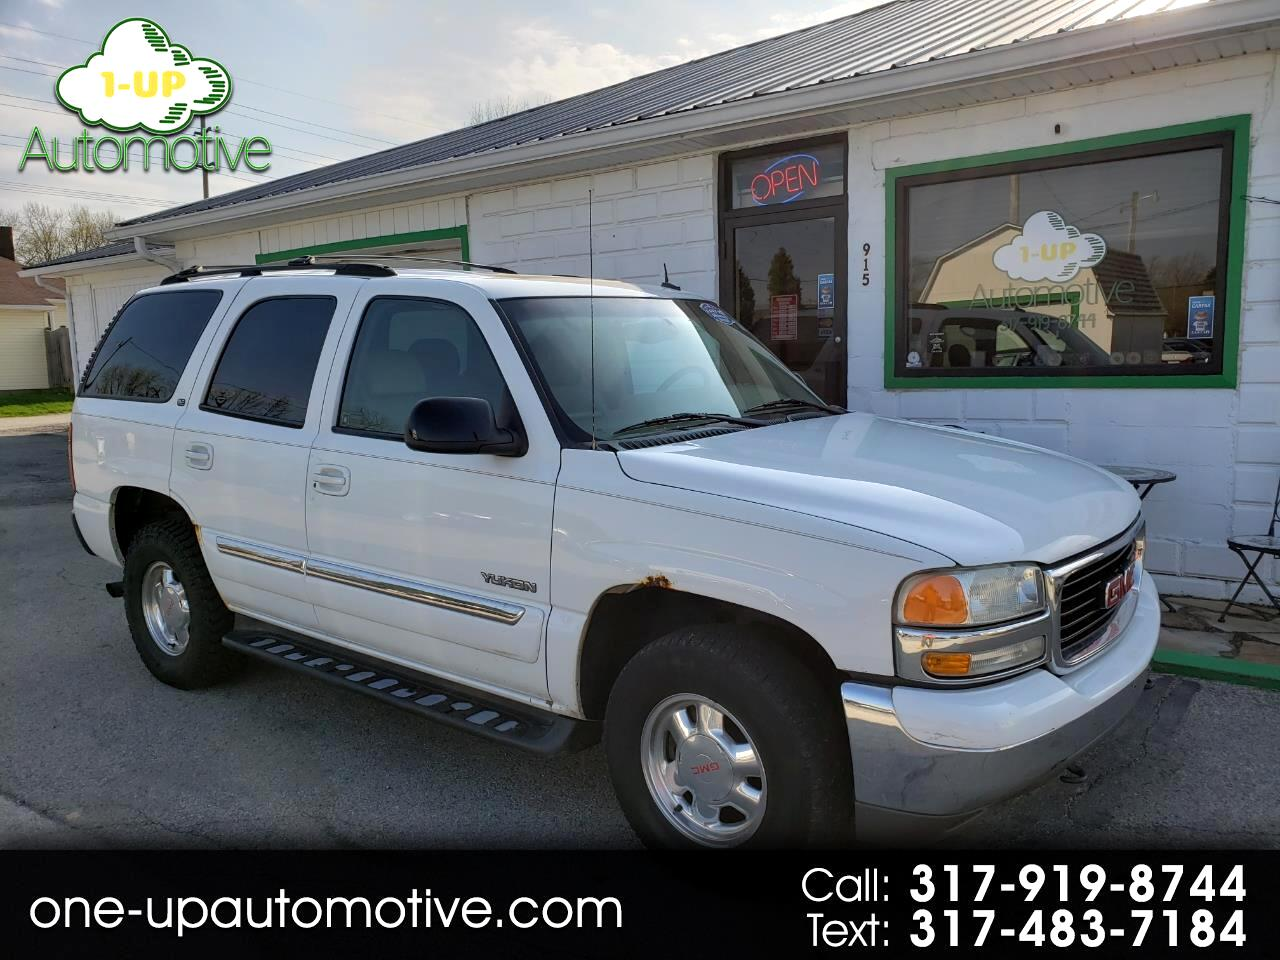 2002 GMC Yukon SLT 4dr 4WD SUV